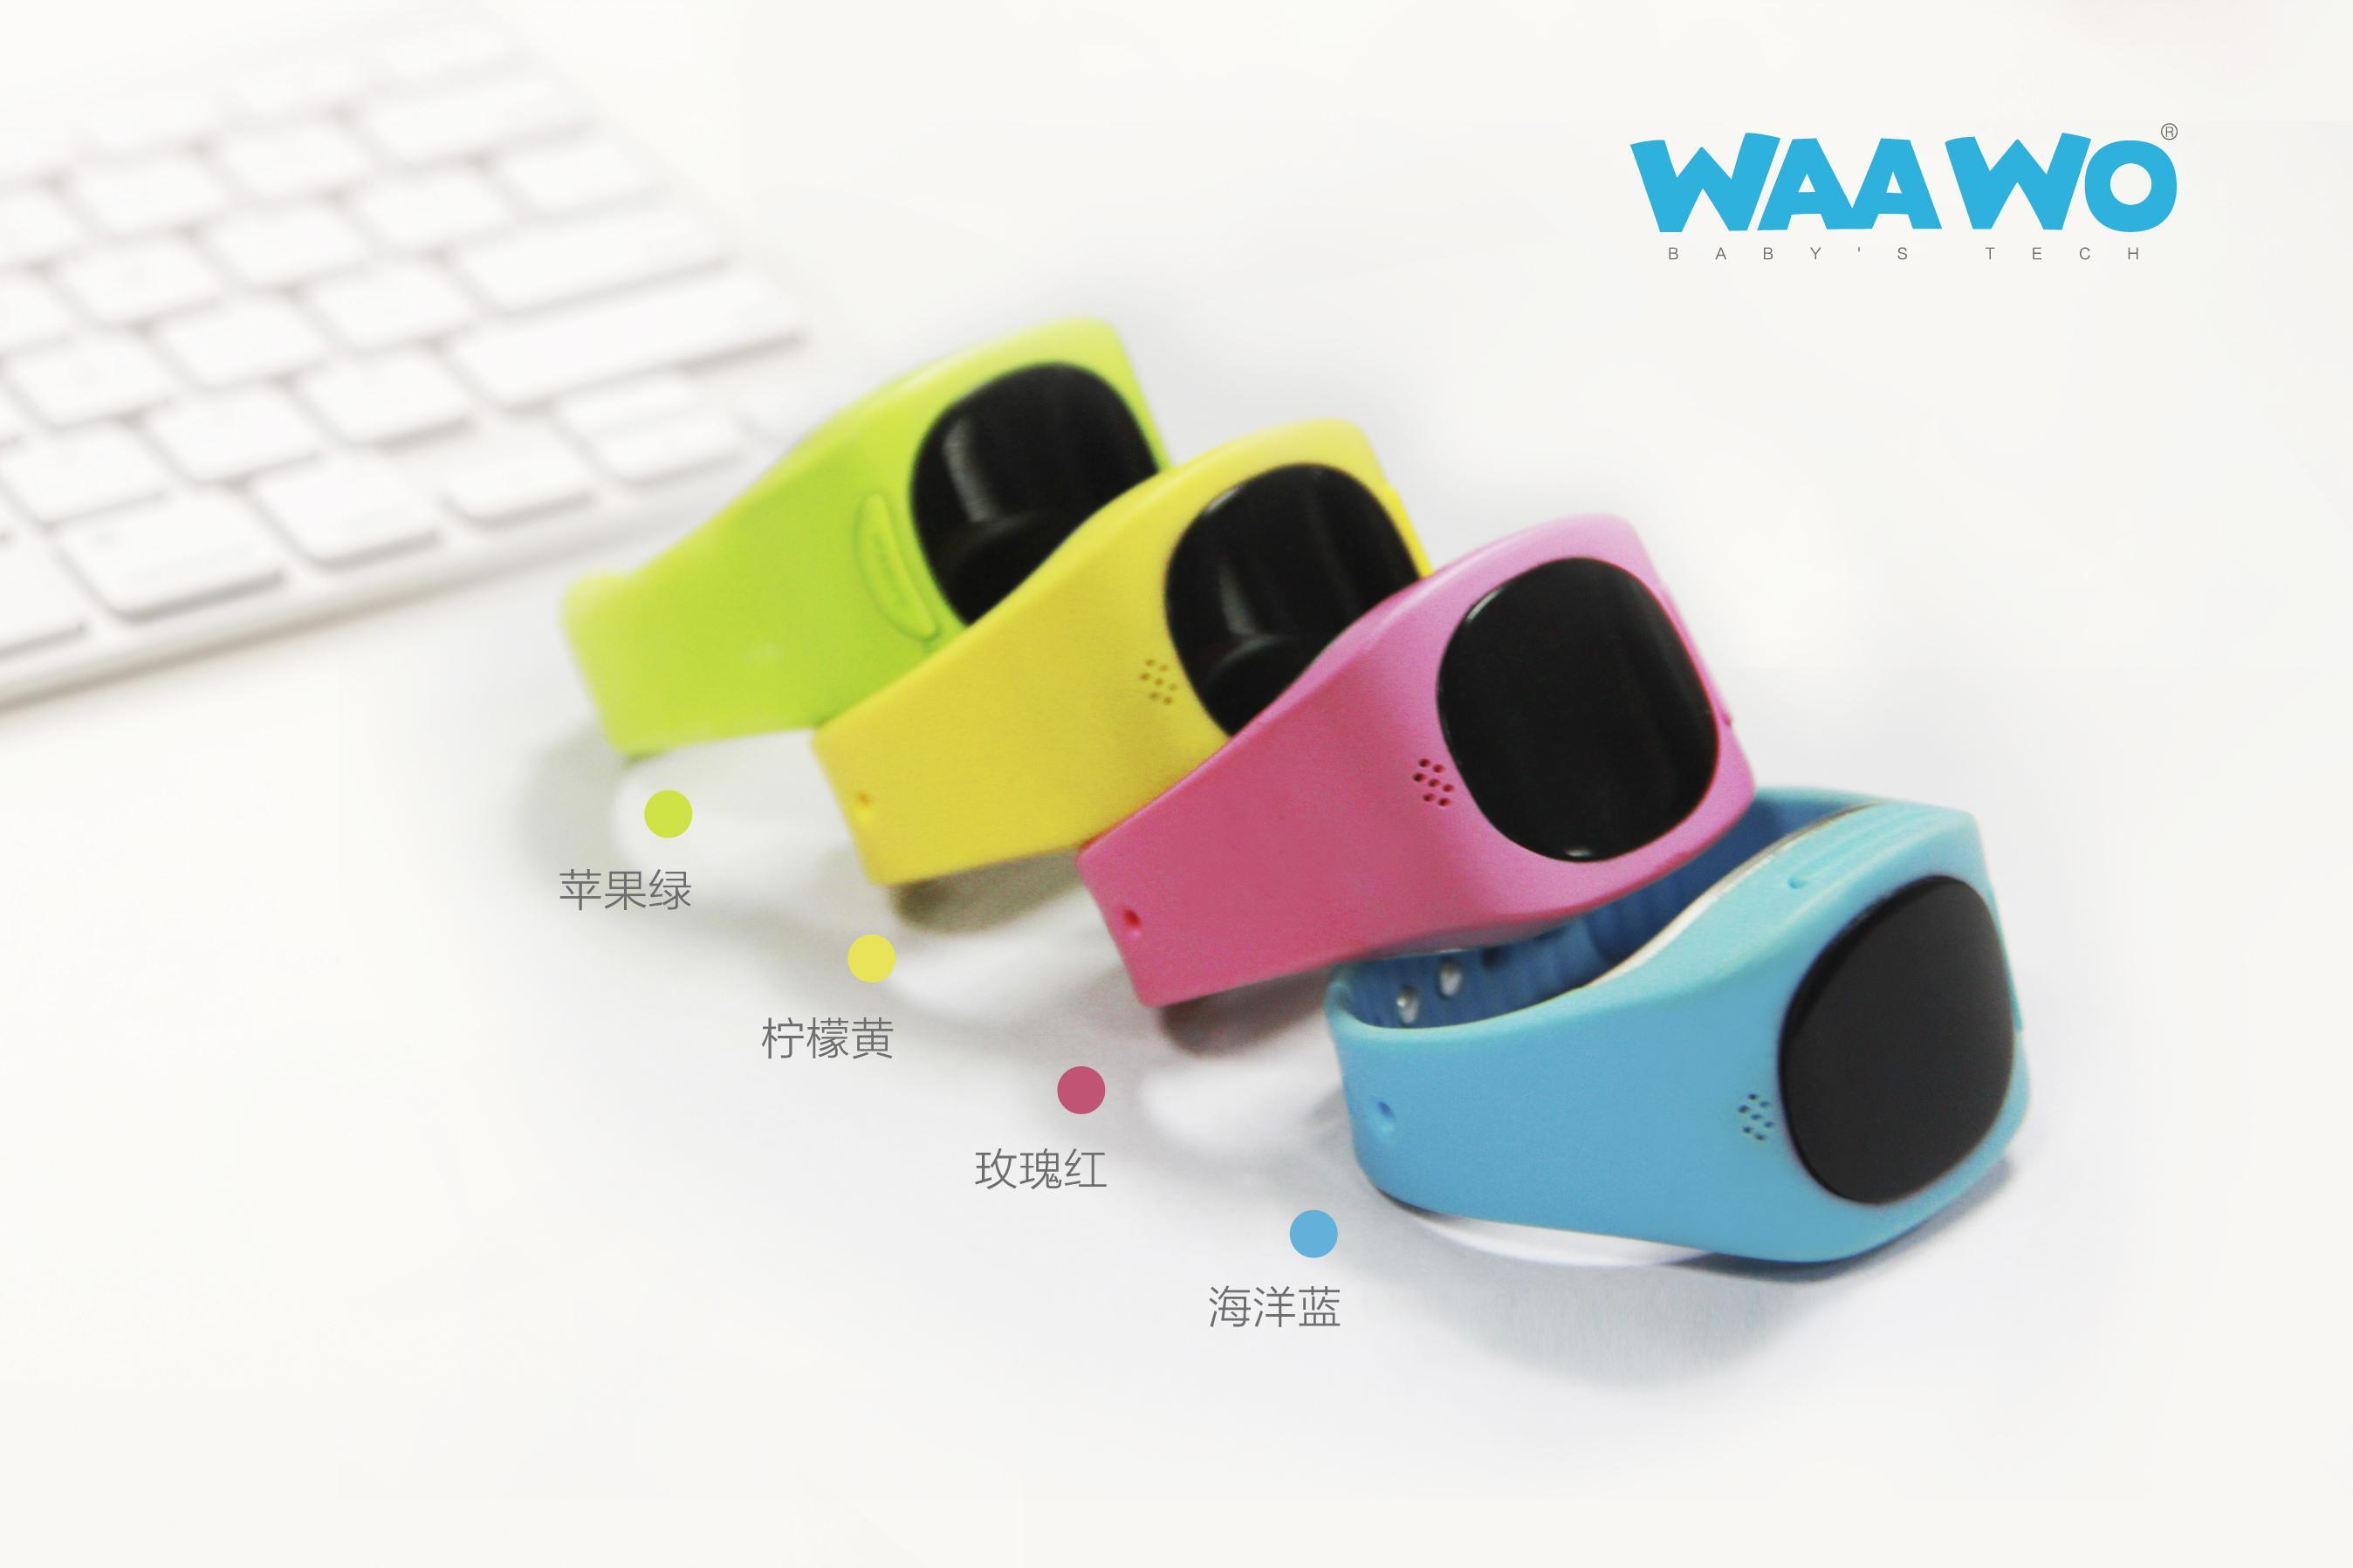 是三款儿童智能手表都具备的基础功能